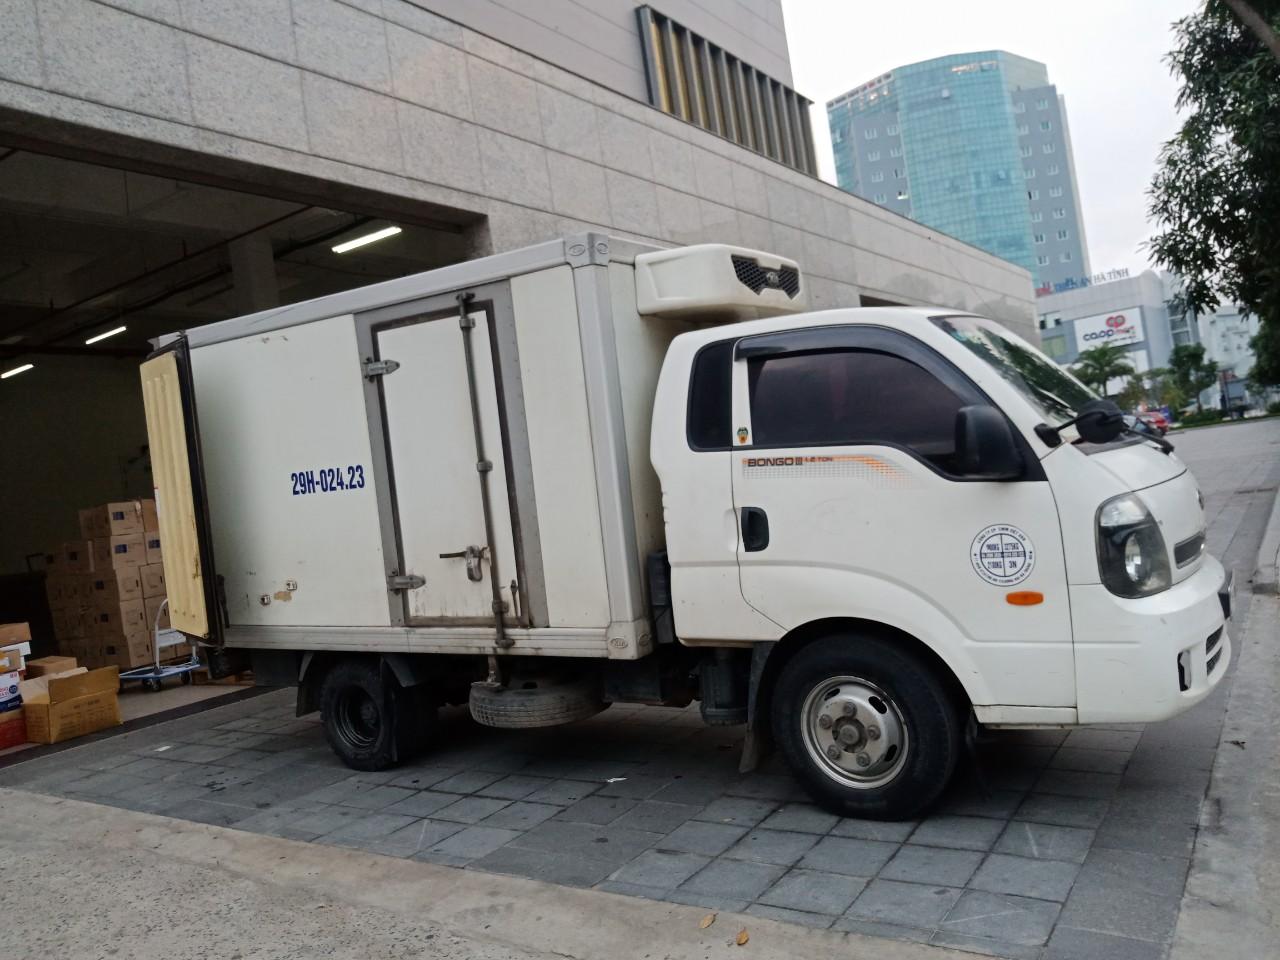 Bốc xếp hàng hóa giá rẻ tại Hà Nội, liên hệ ngay đến vận tải VH